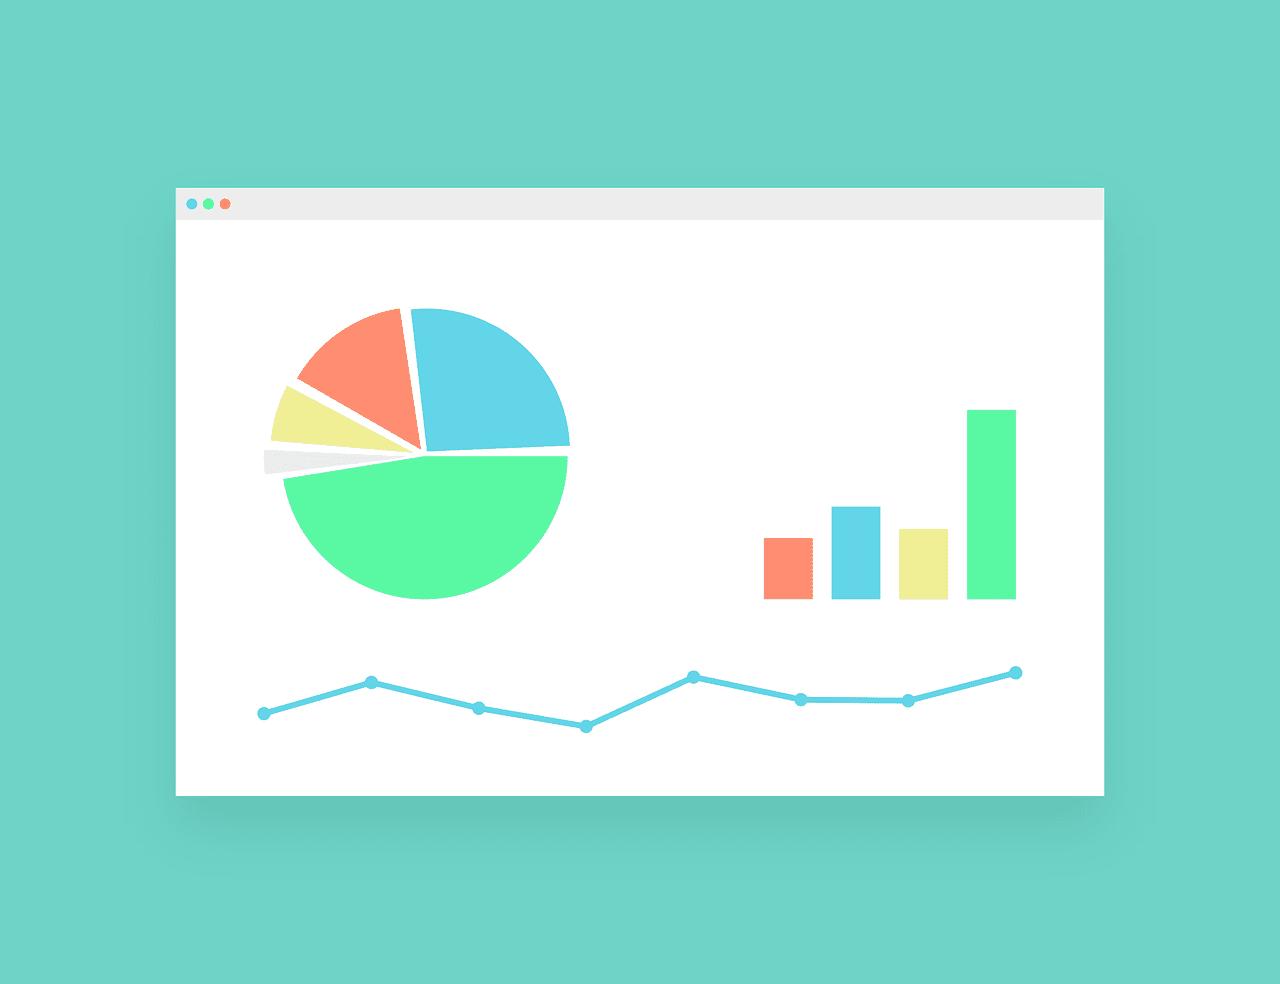 לוח סטטיסטיקה